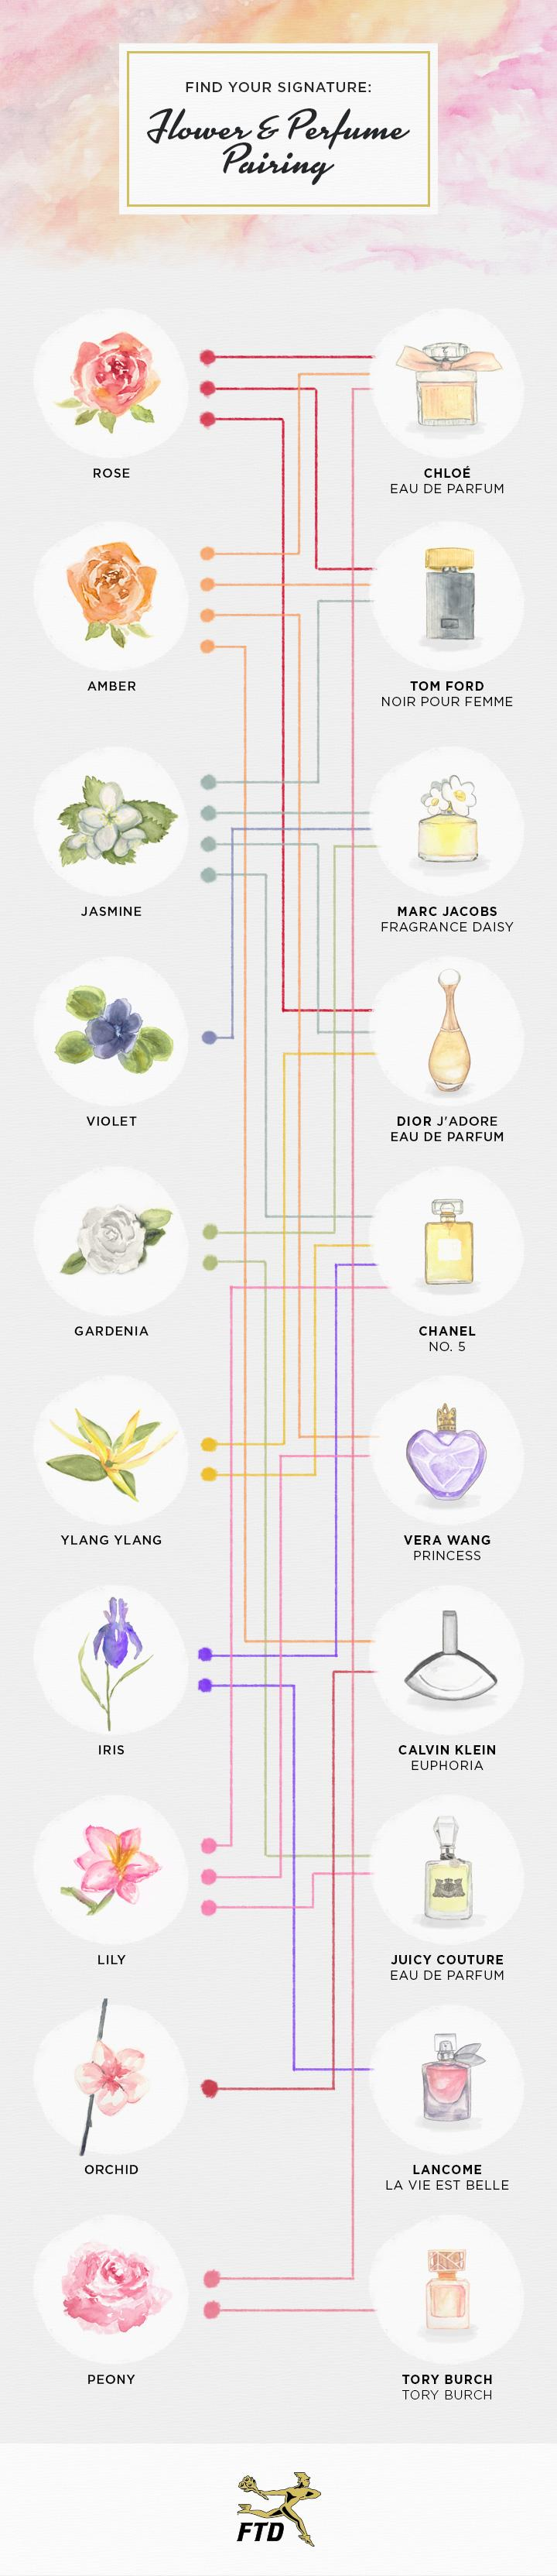 FTD-Flower-Perfume-Pairings